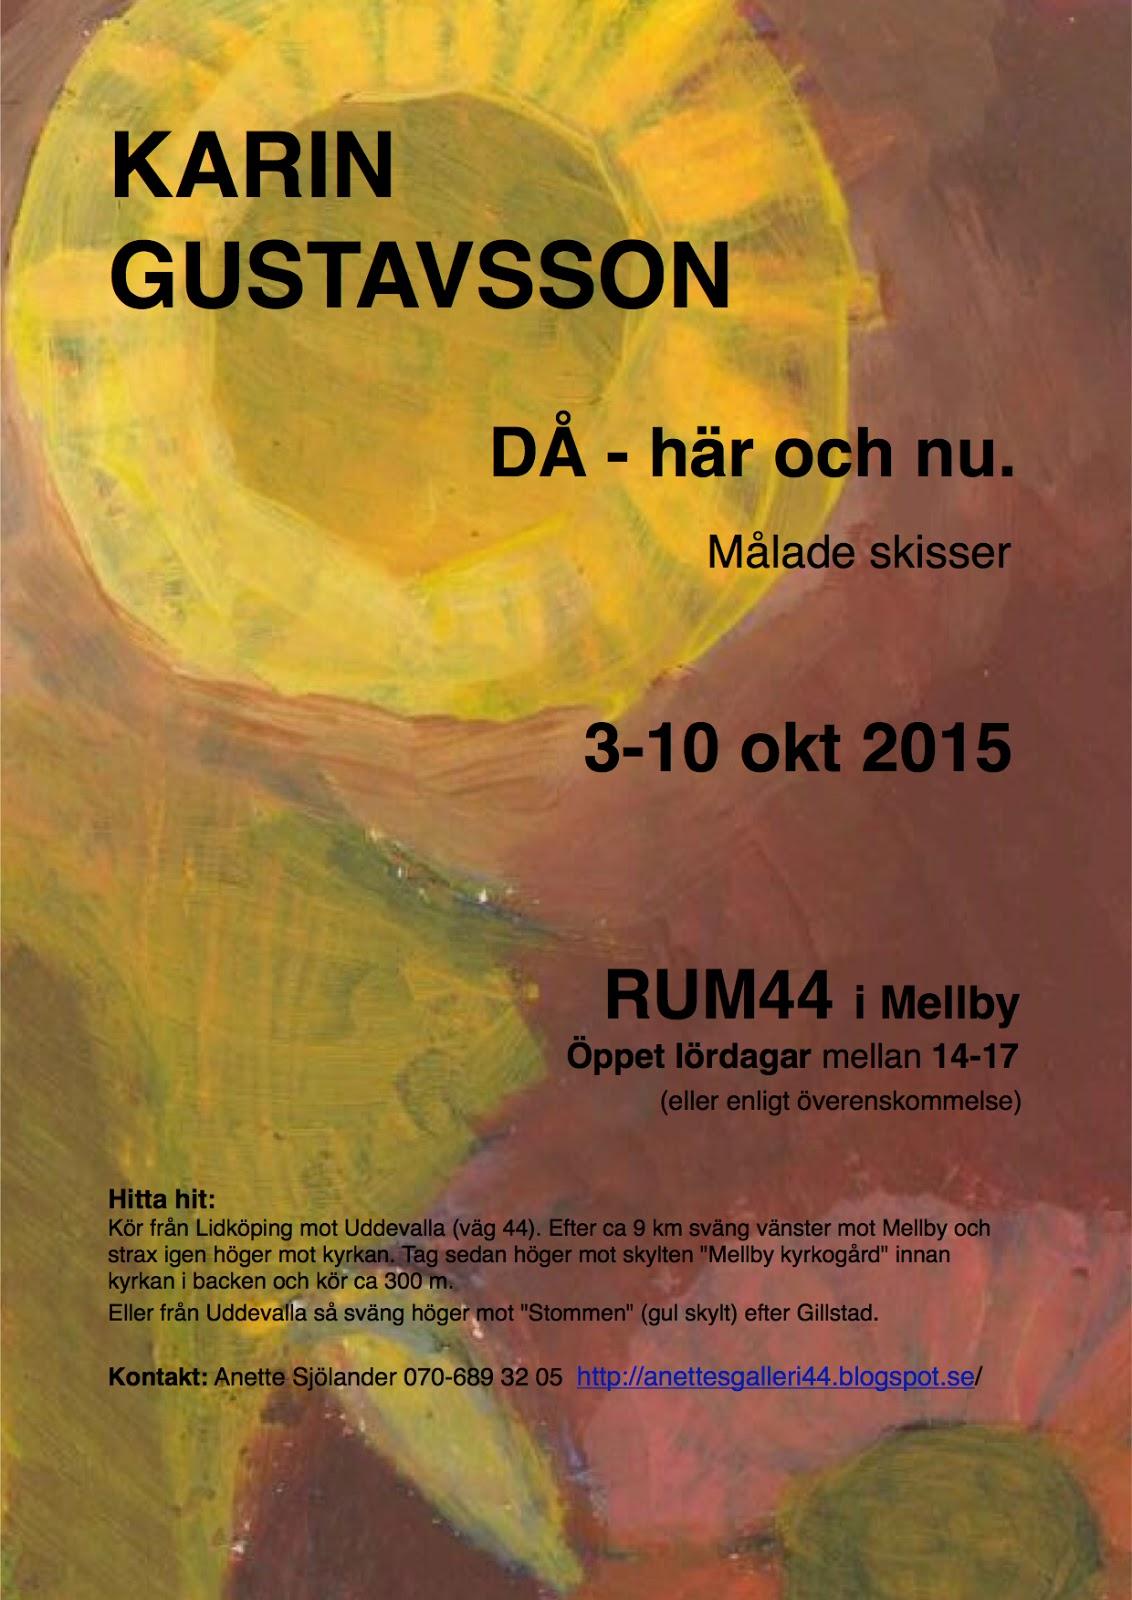 770d86fa7d48 Karin Gustavsson - målade skisser - 3-10 oktober 2015 - Öppet lördagar  mellan 14-17 (eller enligt överenskommelse). Välkommen !